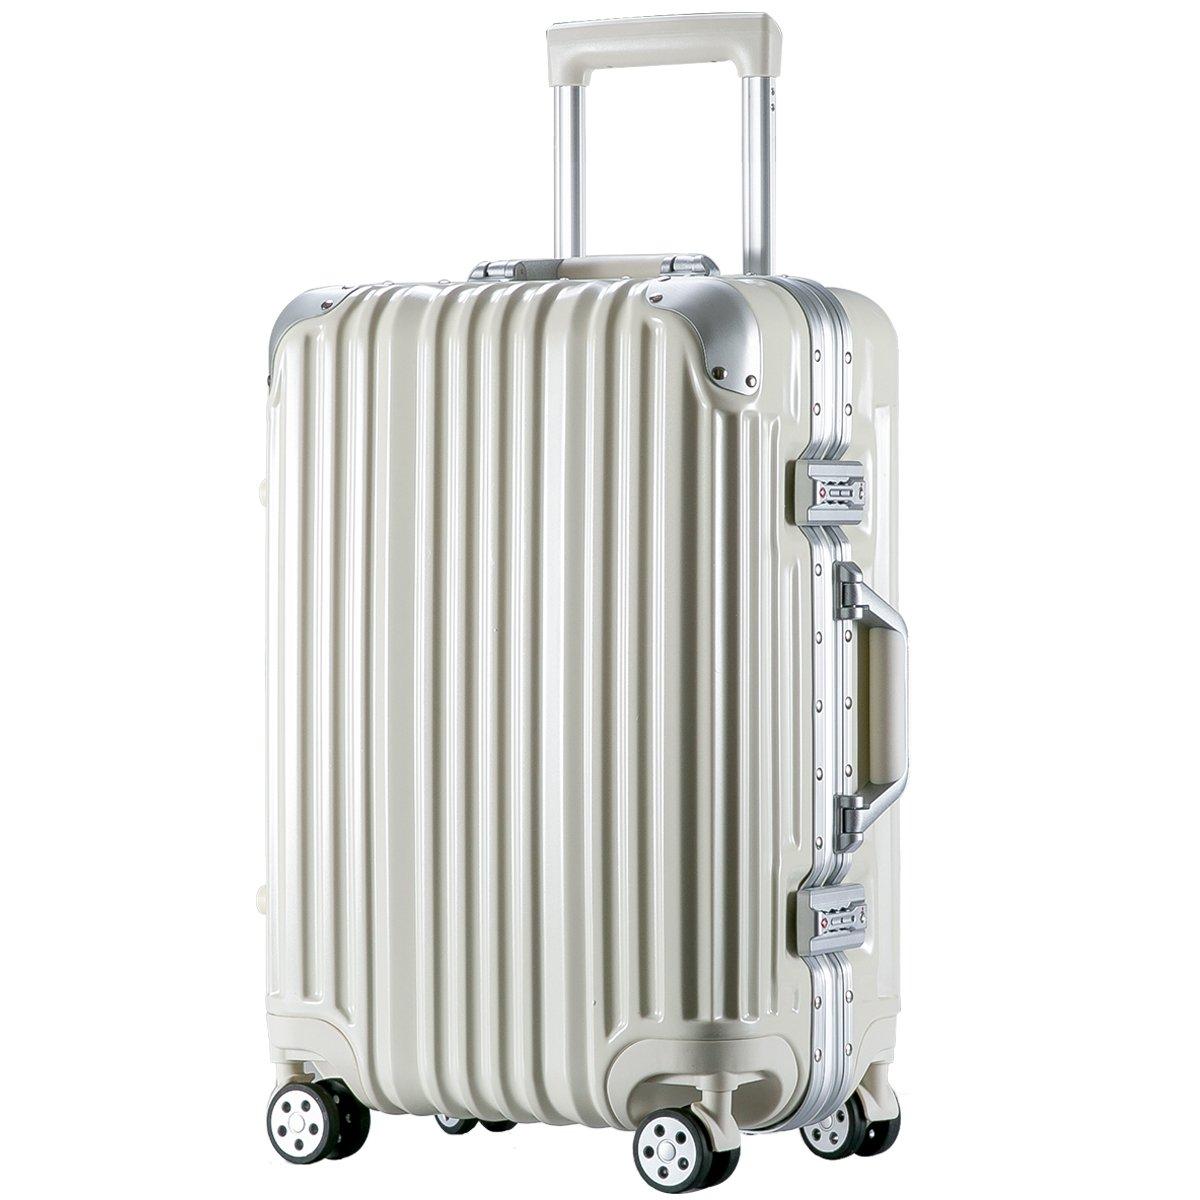 [トラベルハウス]Travelhouse スーツケース キャリーバッグ アルミフレーム ABS+PC 鏡面 超軽量 TSAロック B01L1J2V14 S|ホワイト ホワイト S